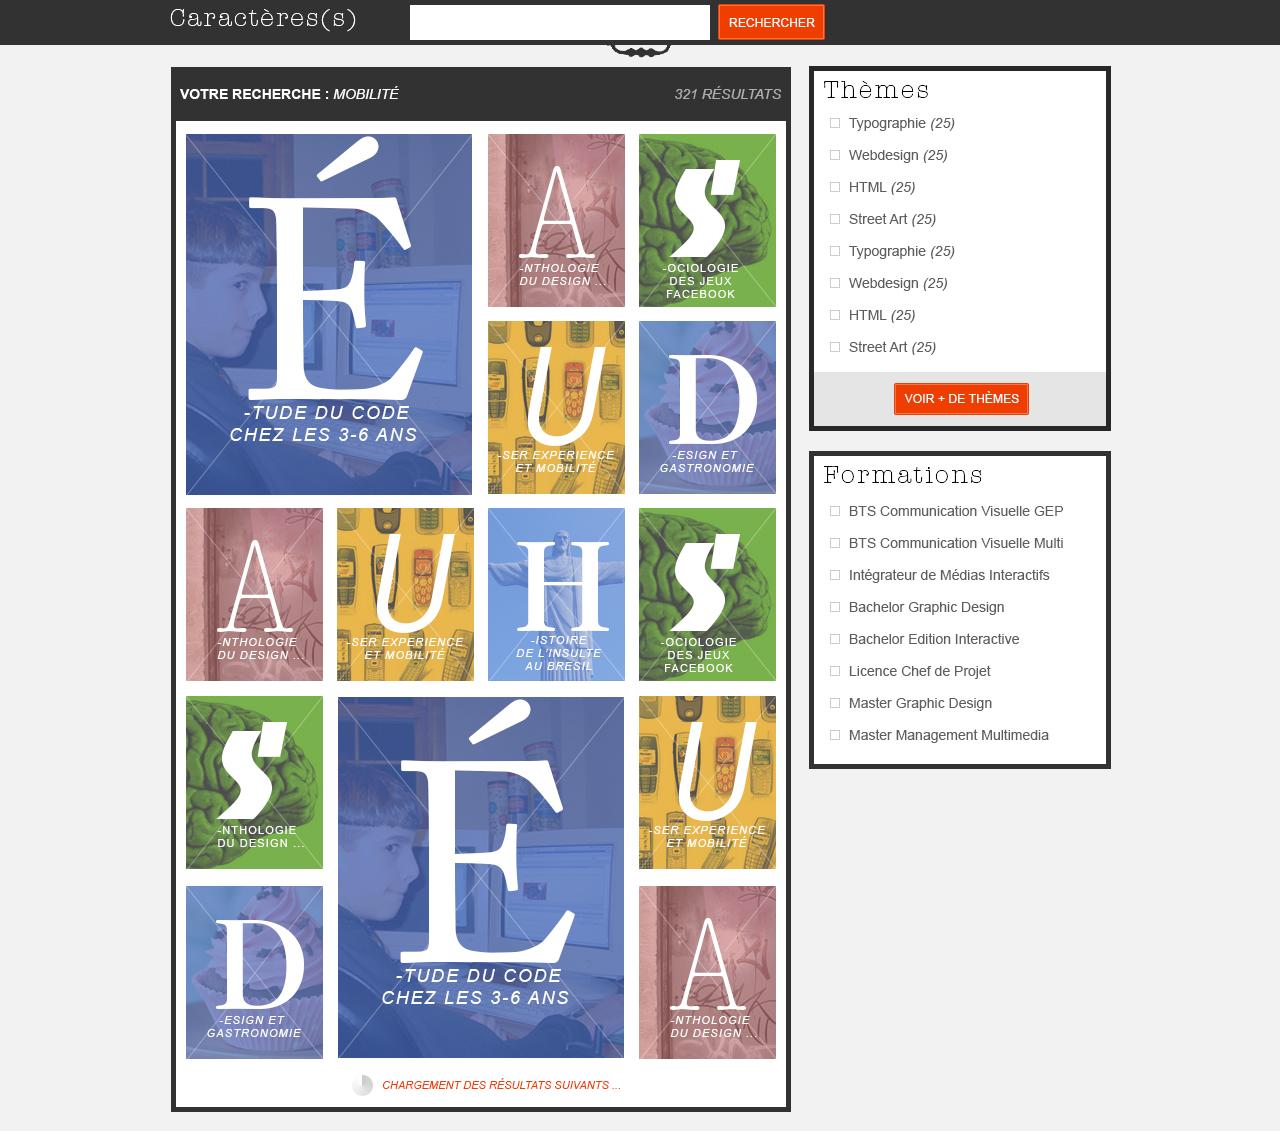 """page de resultats de la recherche """"Caractère(s)"""" : activité dans le cours d'ergonomie """"la fonderie de l'image"""""""